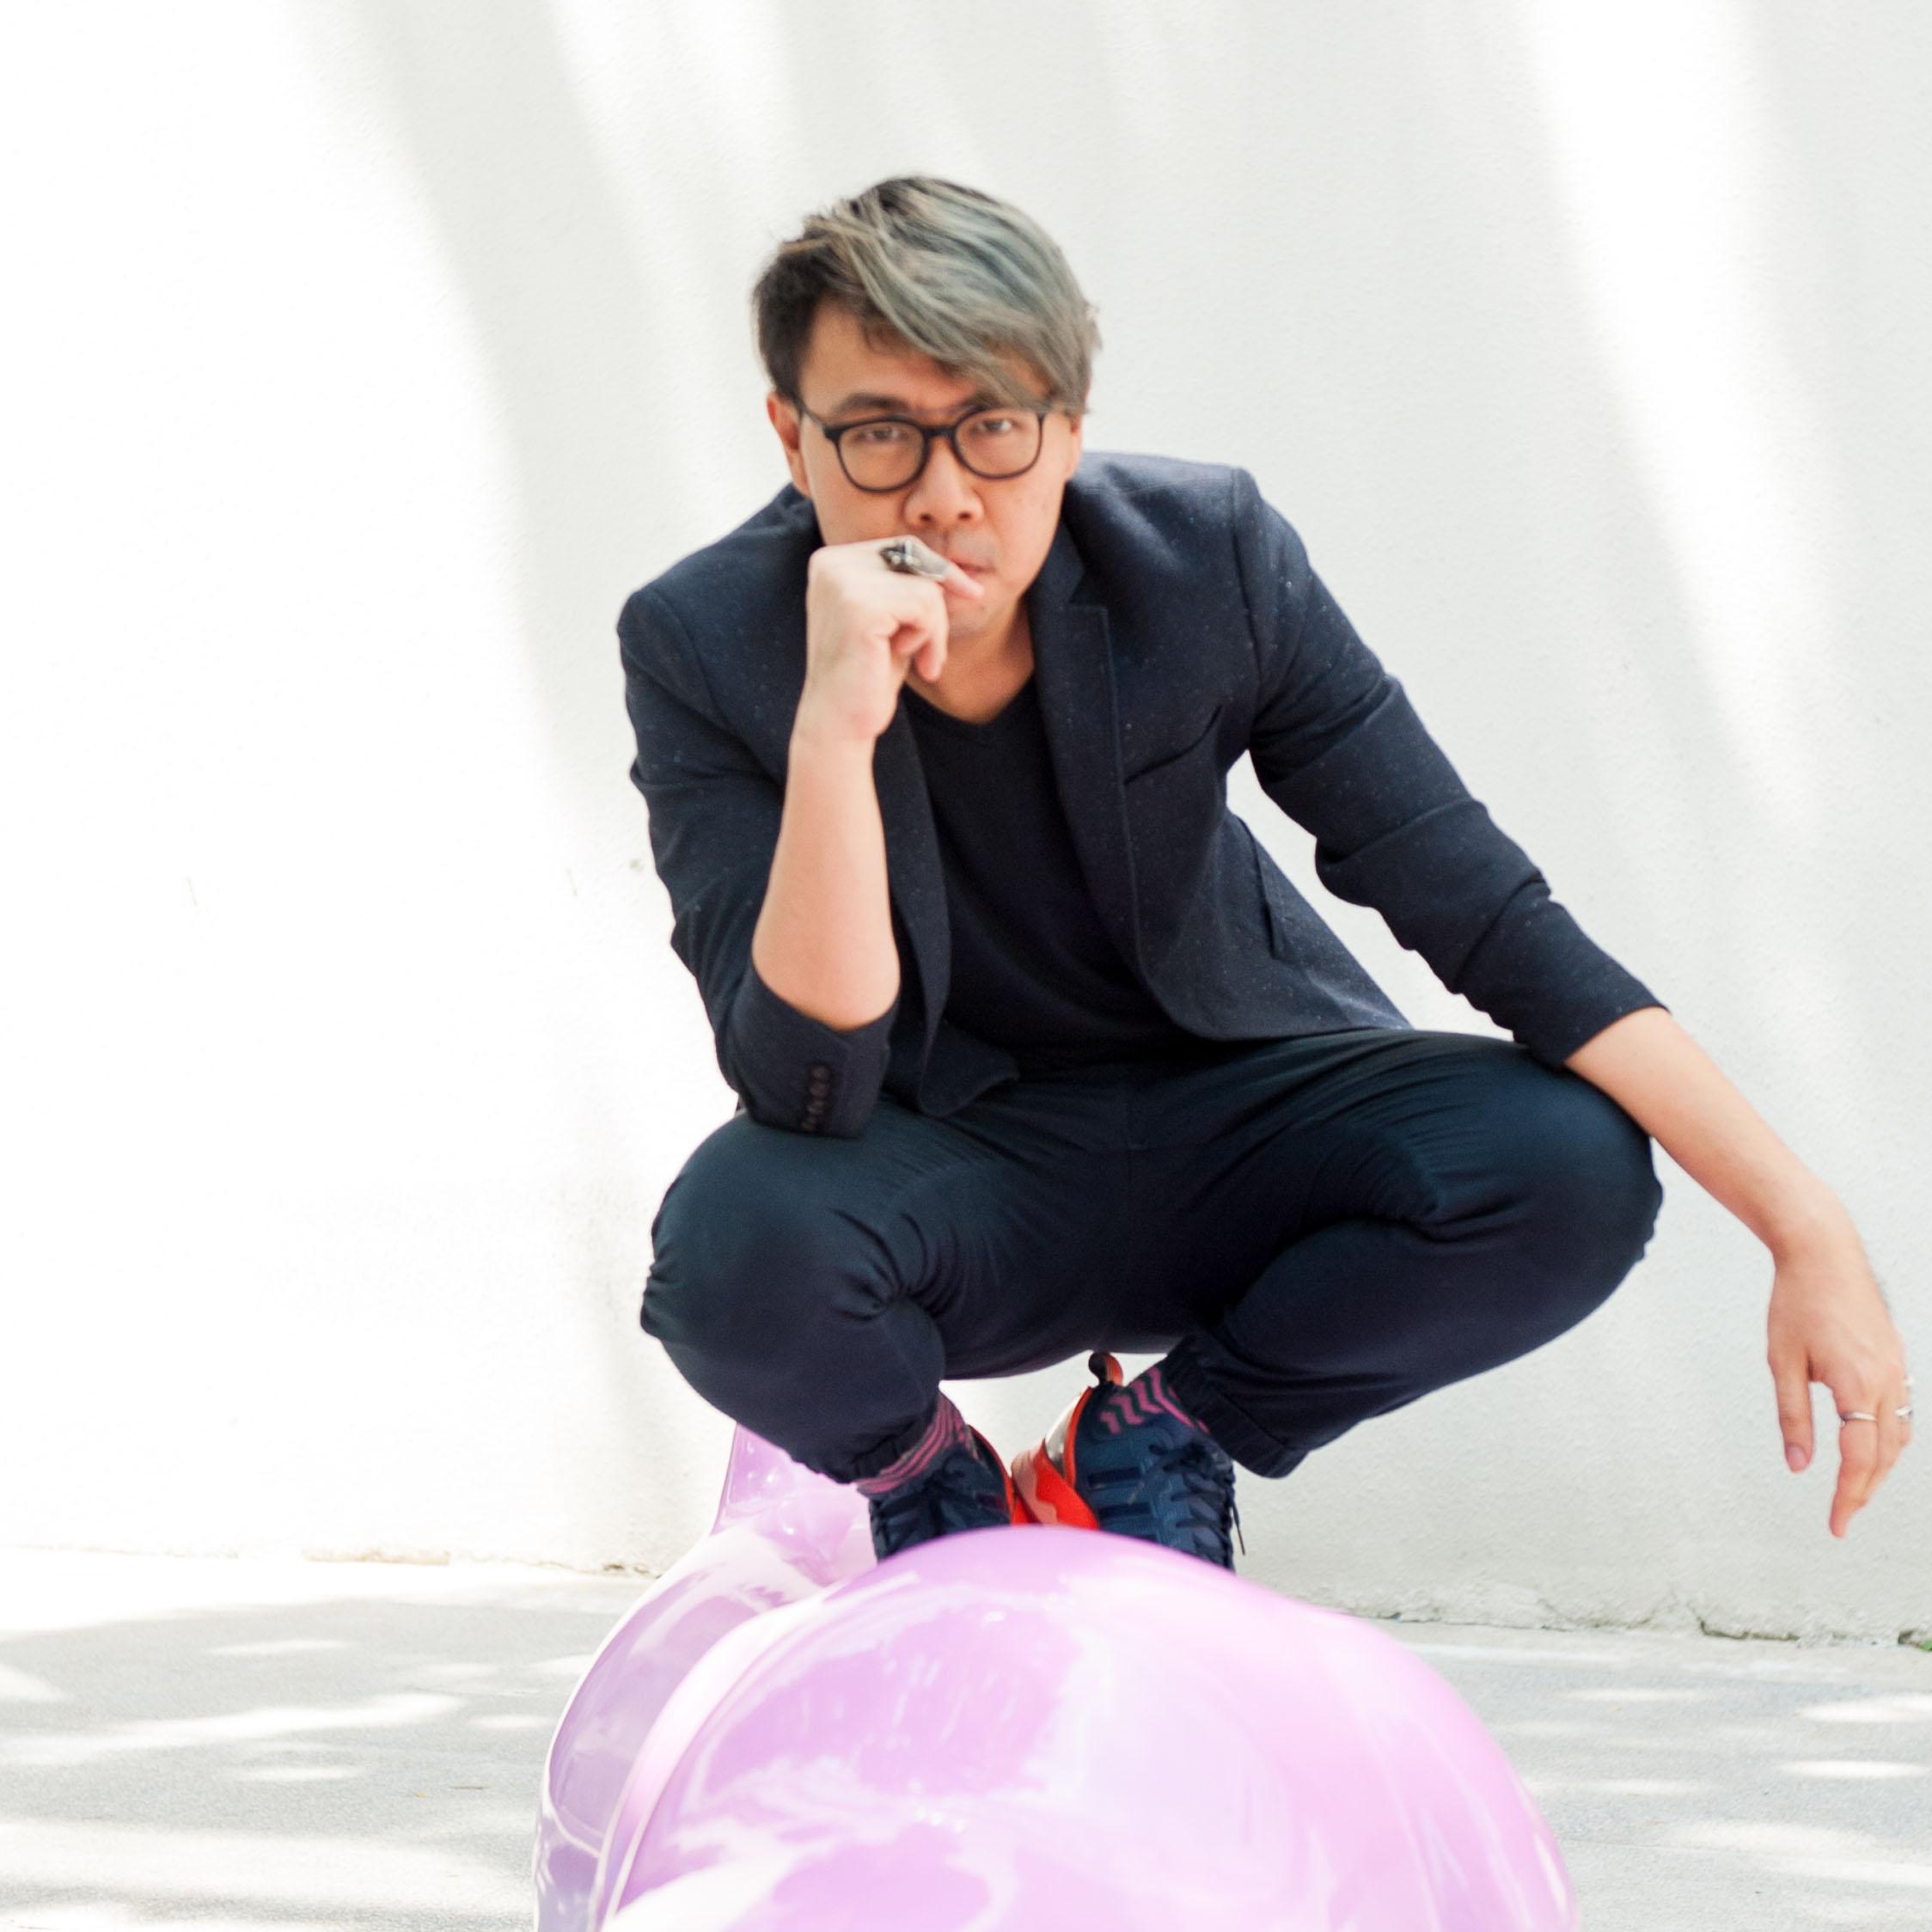 Cheng Guan